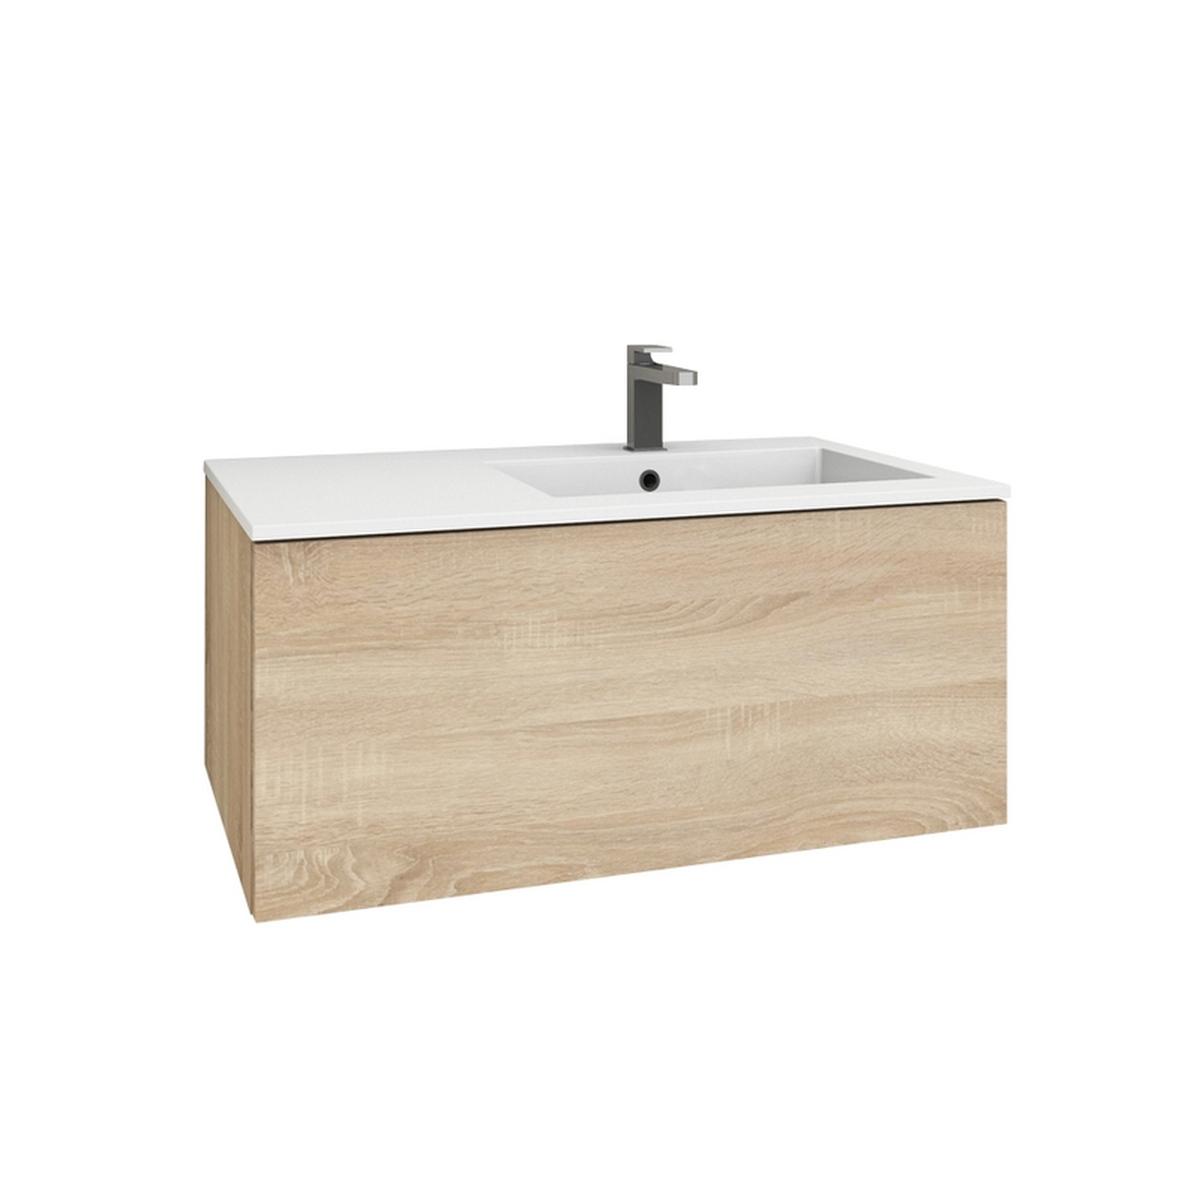 levanto 90r mineralguss waschtisch set mit auszug. Black Bedroom Furniture Sets. Home Design Ideas